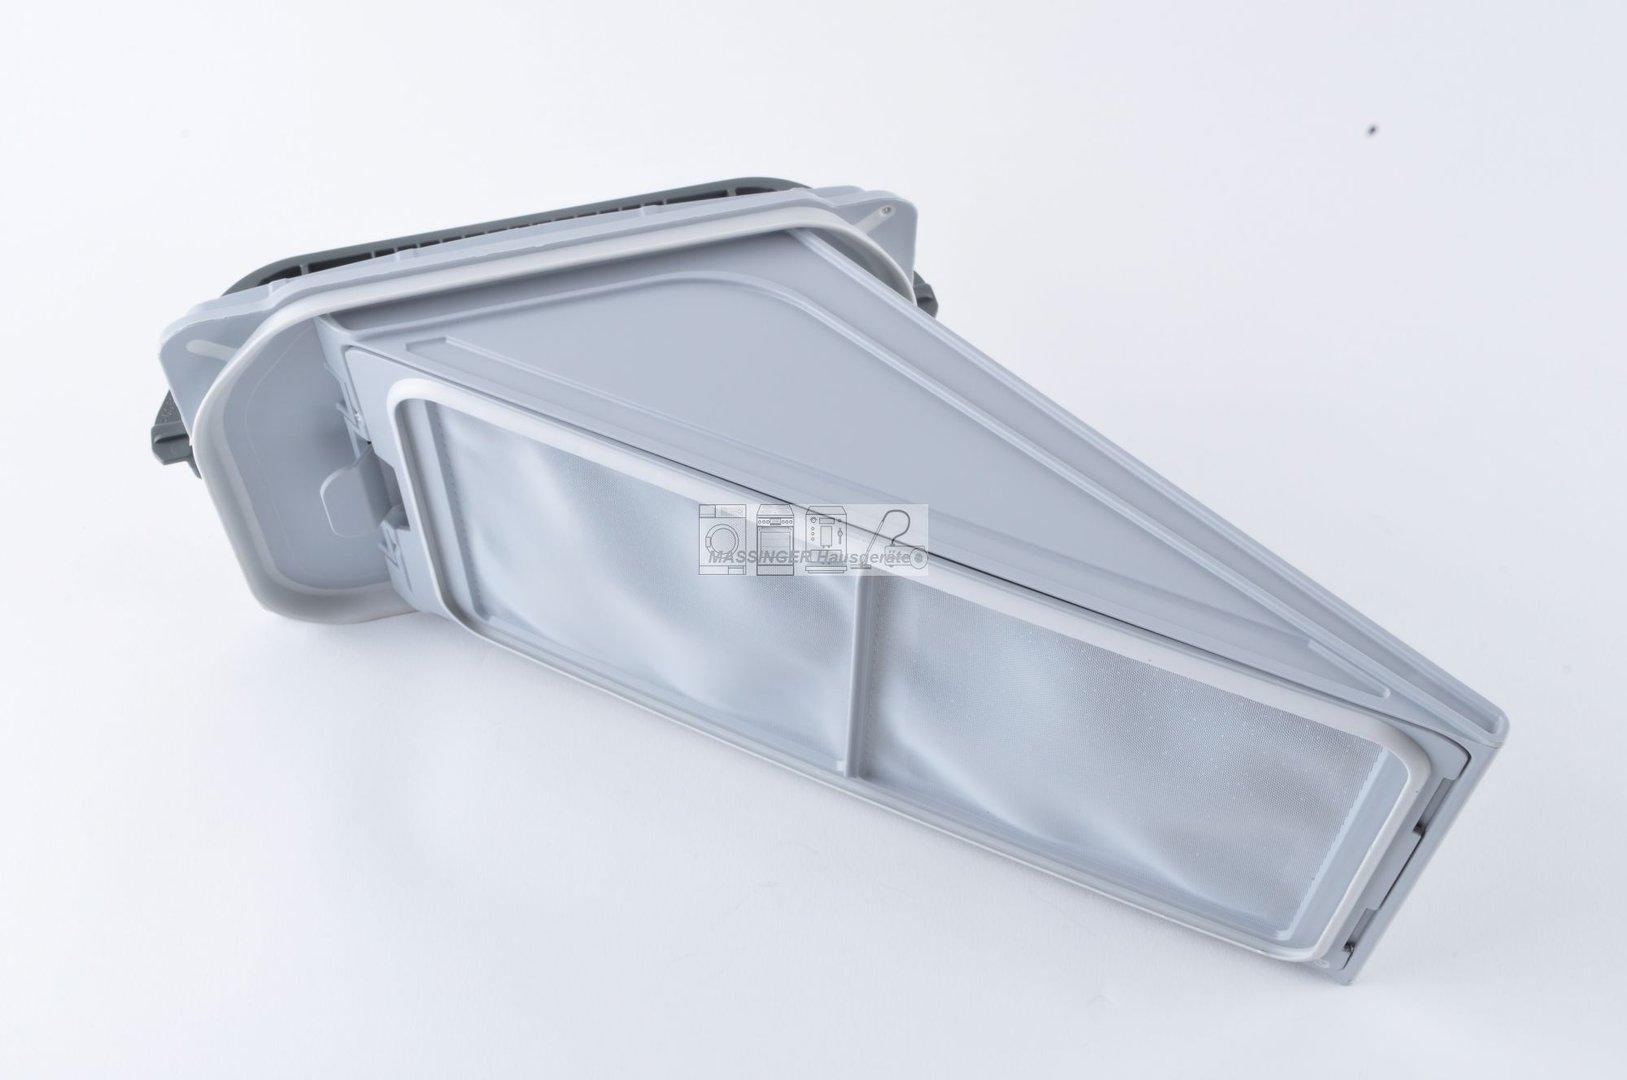 Filter dunstabzug bauknecht elica abzugshaube dunstabzug